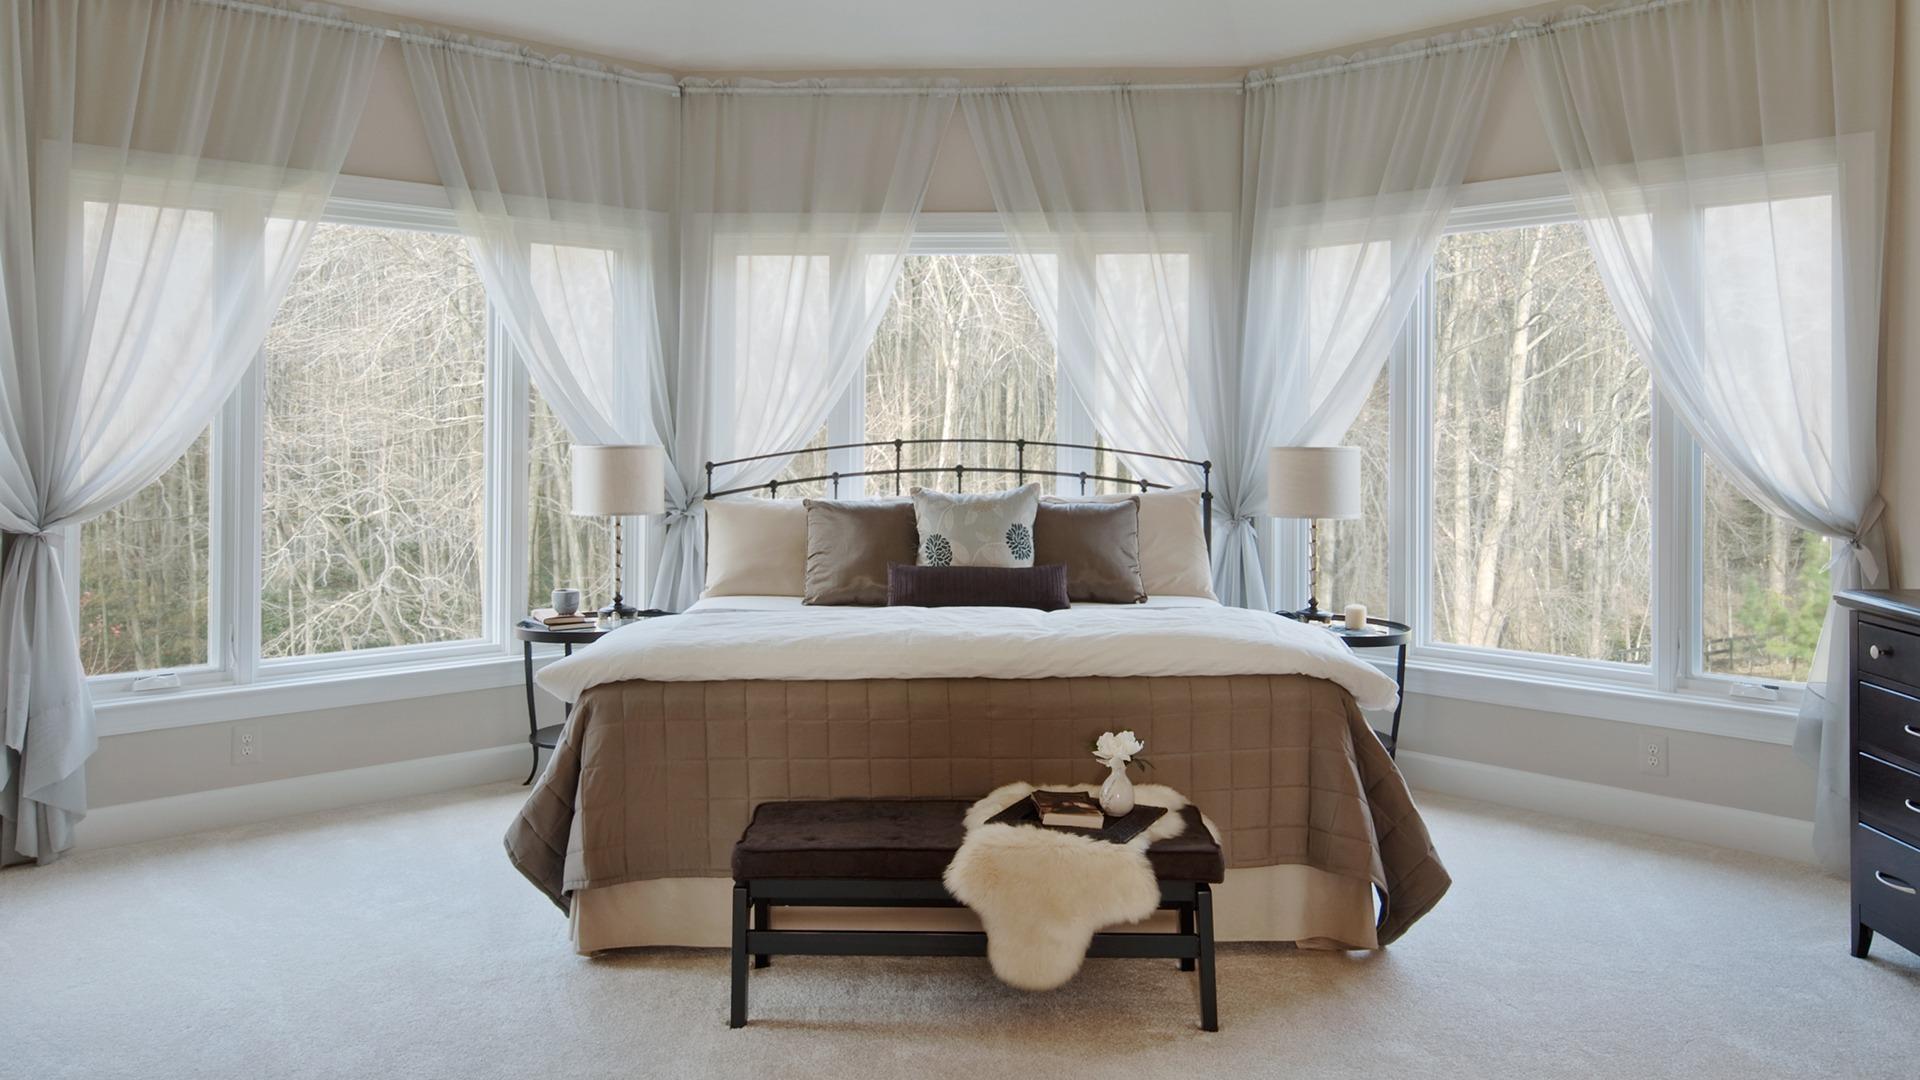 Grovemont Winthrop - Bedroom 5